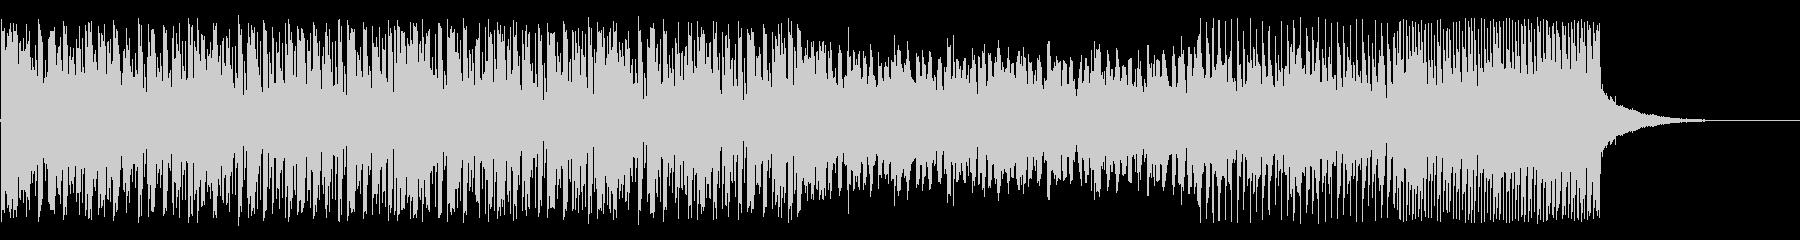 きれいめのシンセポップ(インスト曲)の未再生の波形